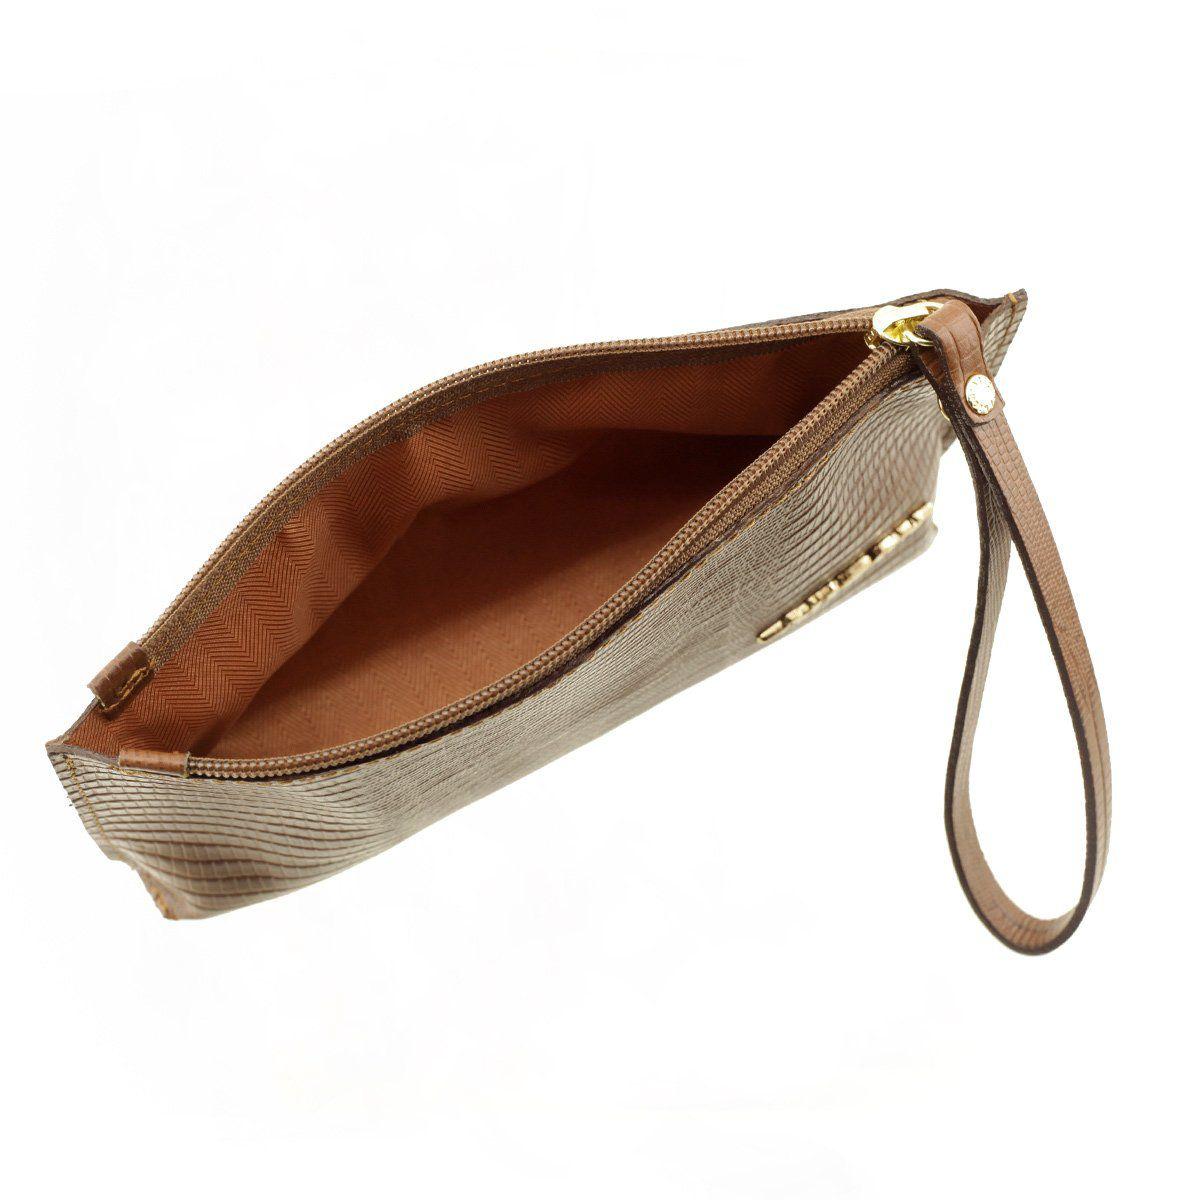 6904b4e97c82f ... Bolsa de Mão ou Necessaire com Alça Café - ARZON ...